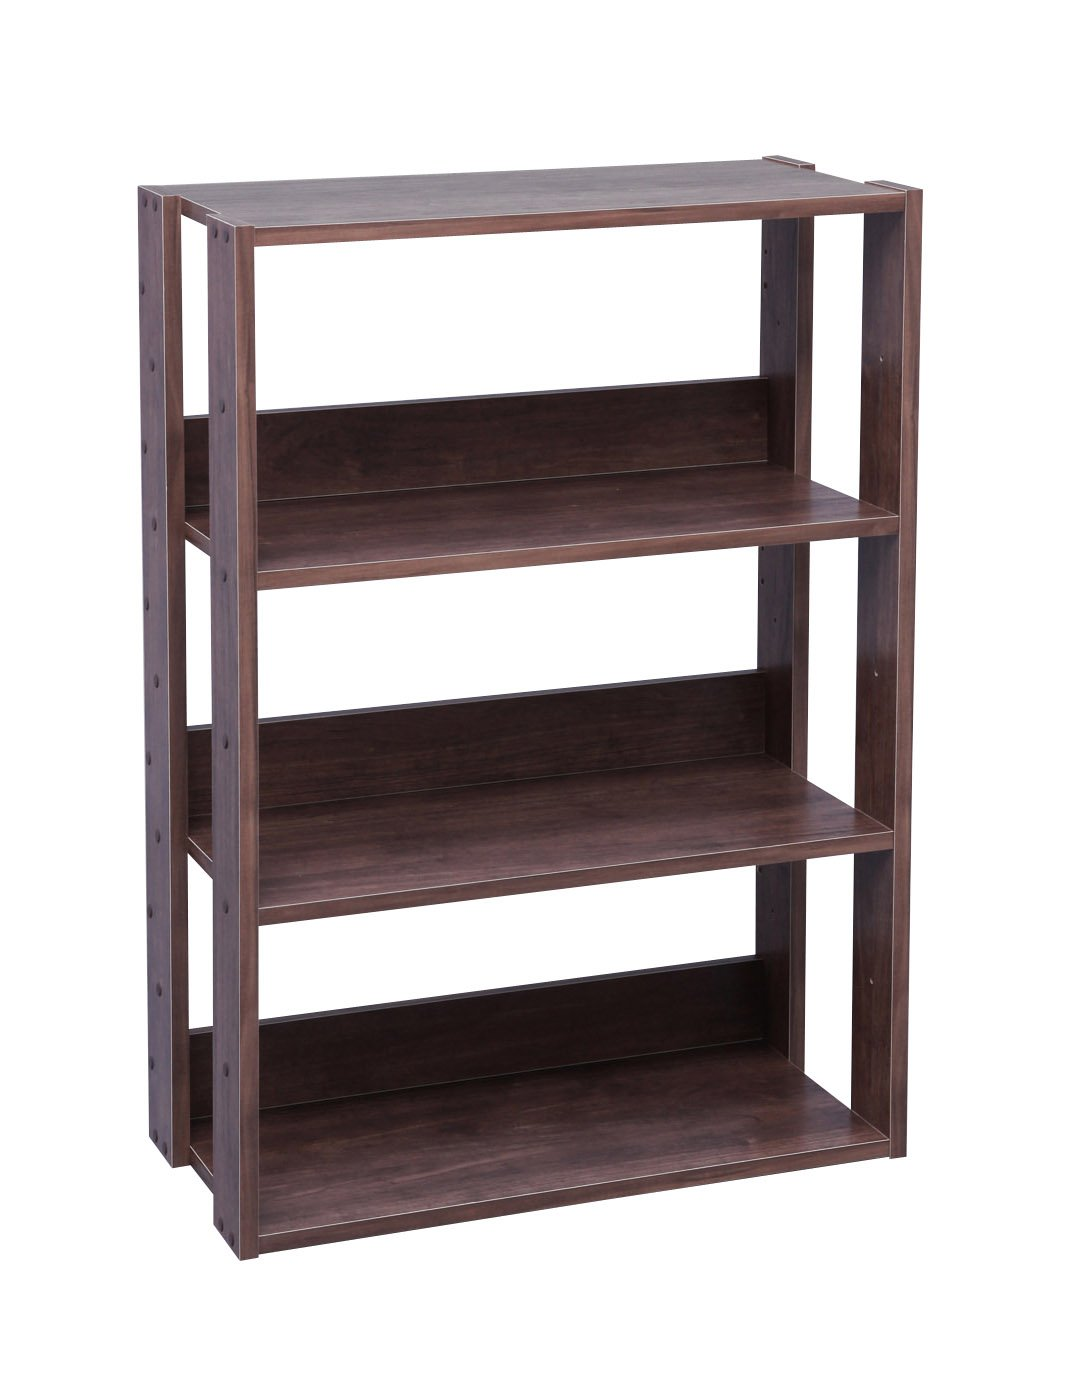 IRIS USA 3-Tier Wide Open Wood Bookshelf, Dark Brown